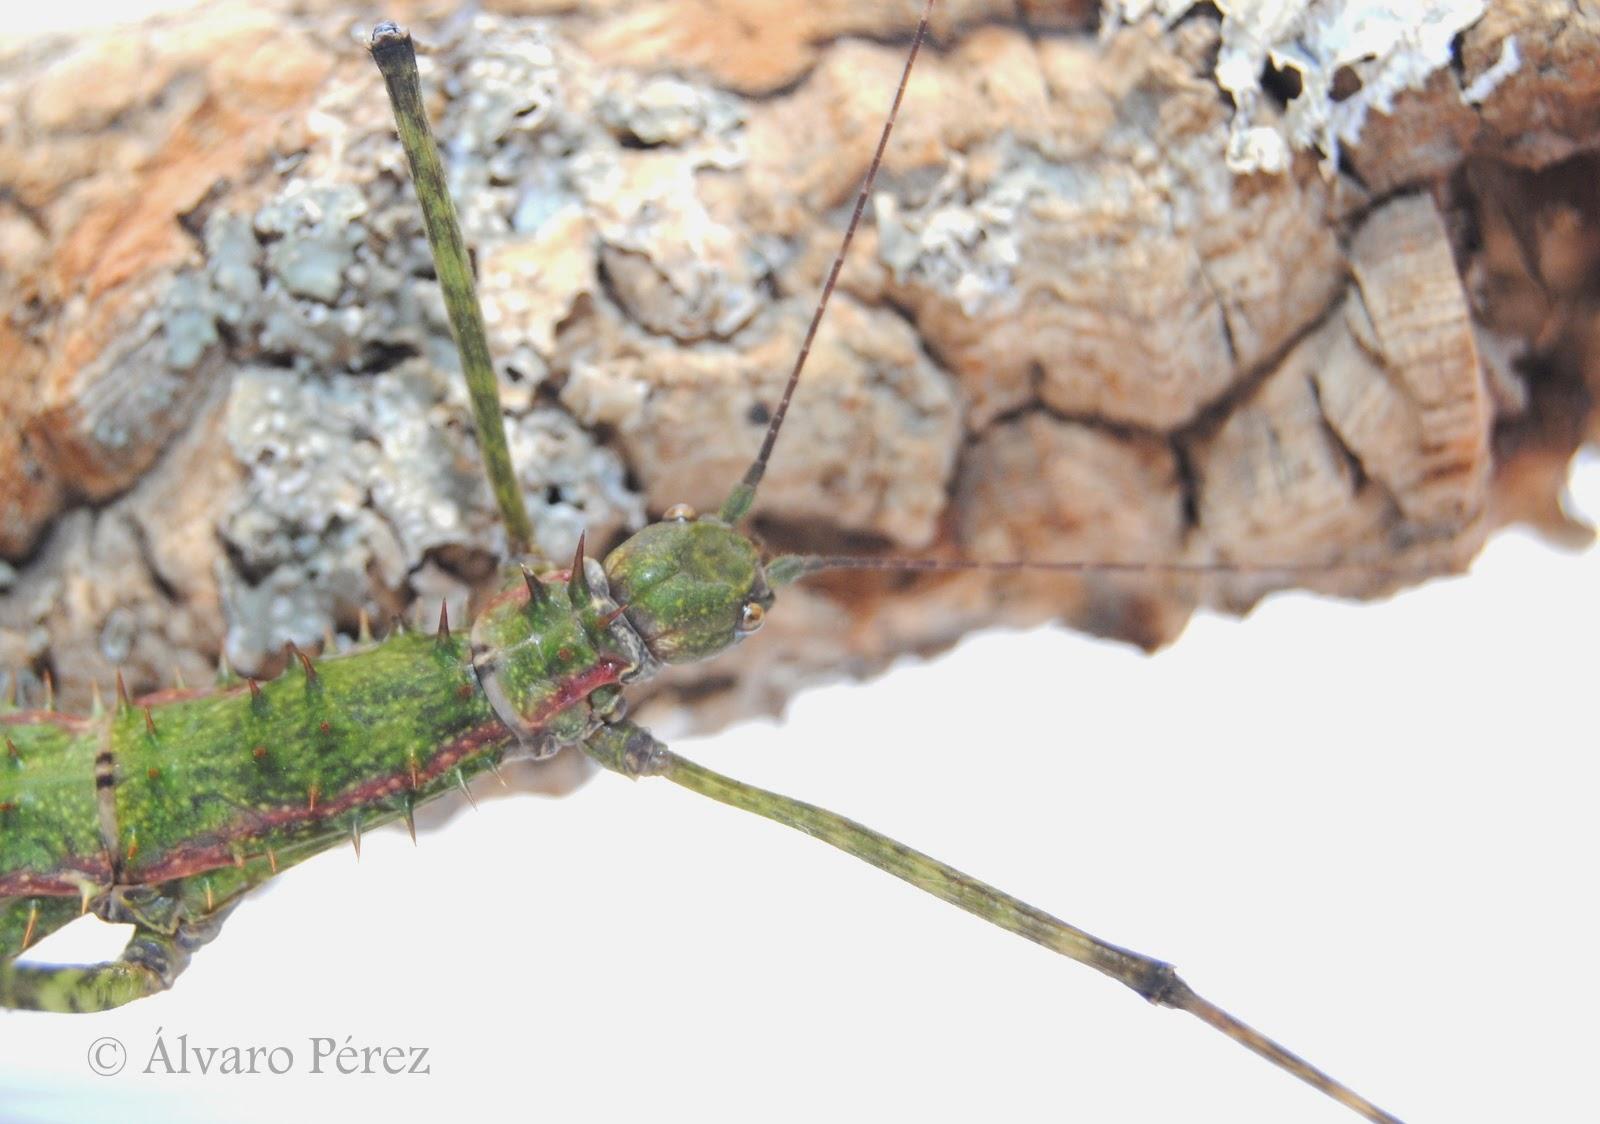 Spinohirasea bengalensis